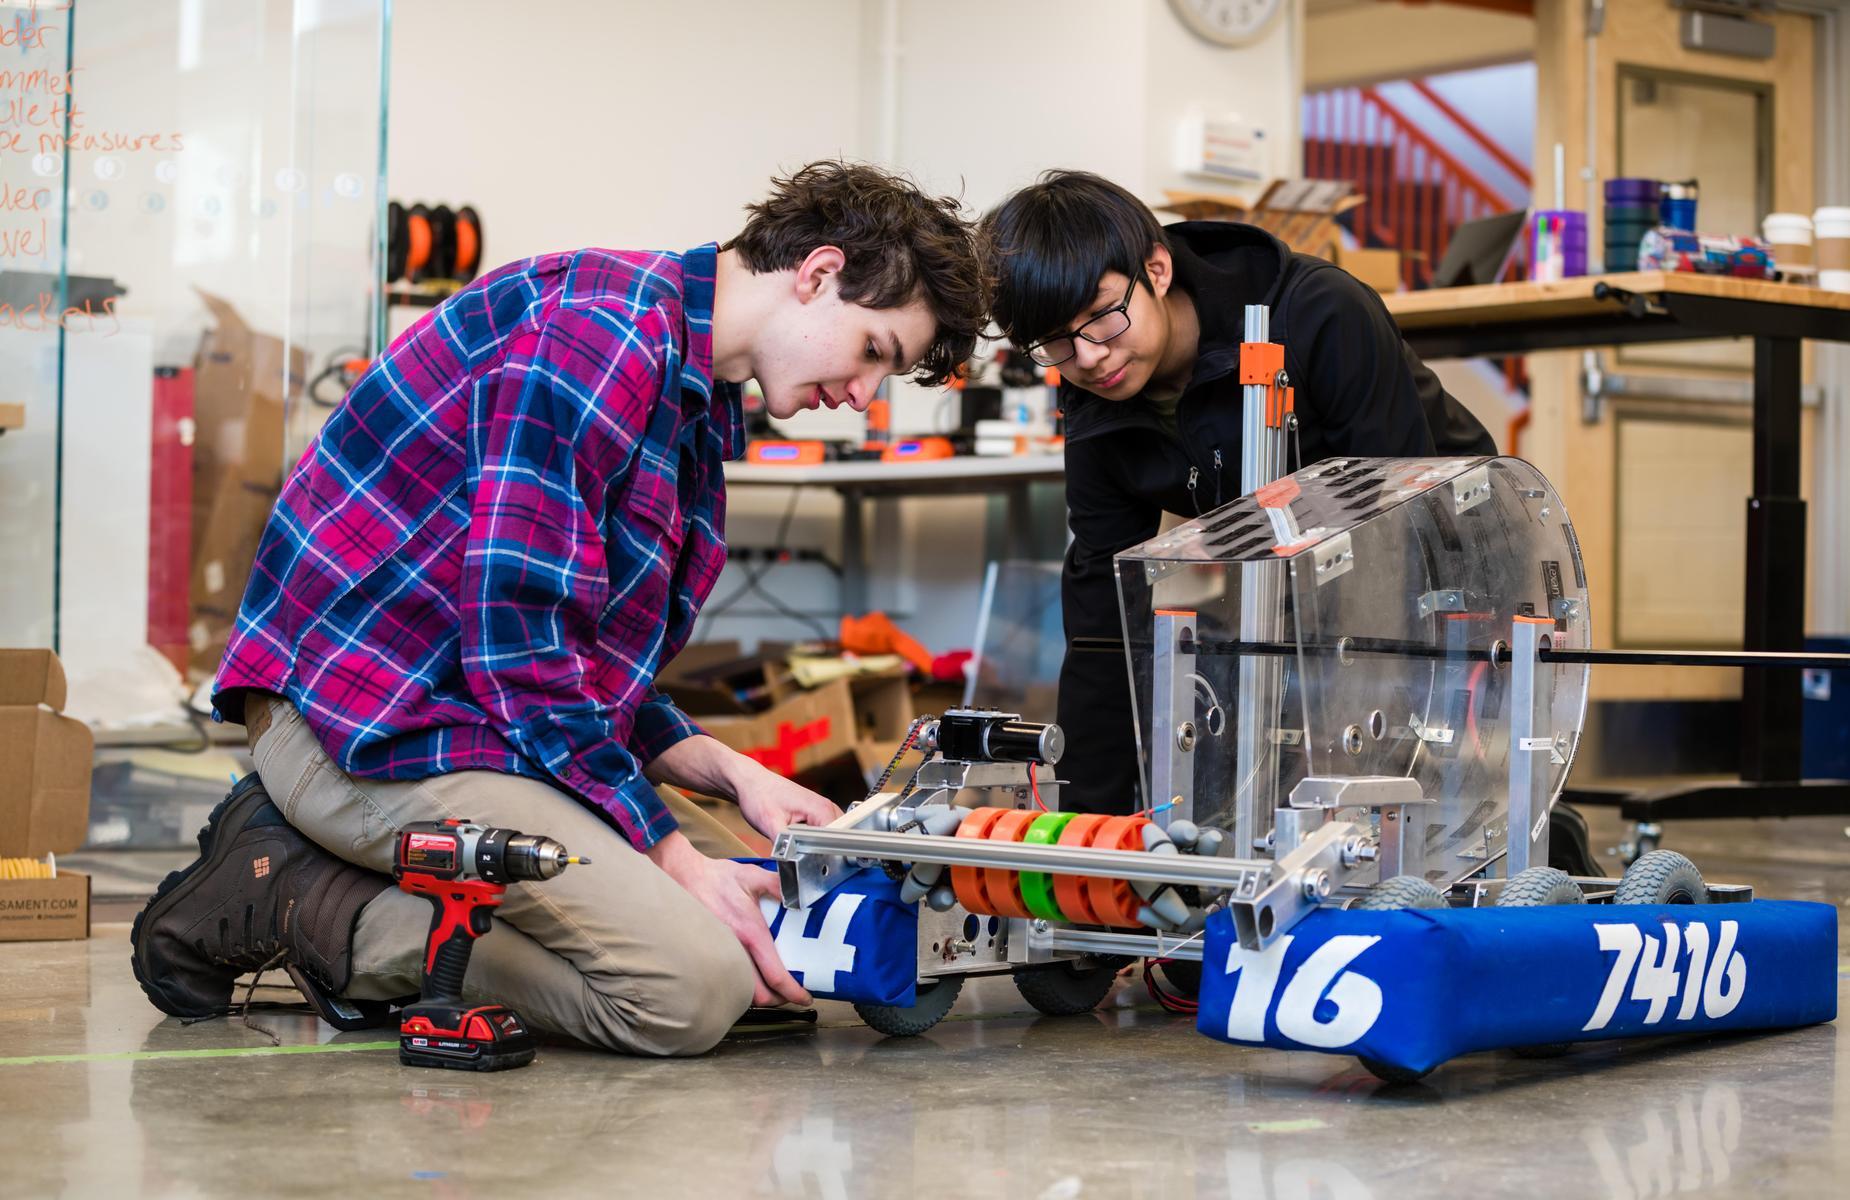 两名学生在I^3实验室研究机器人.